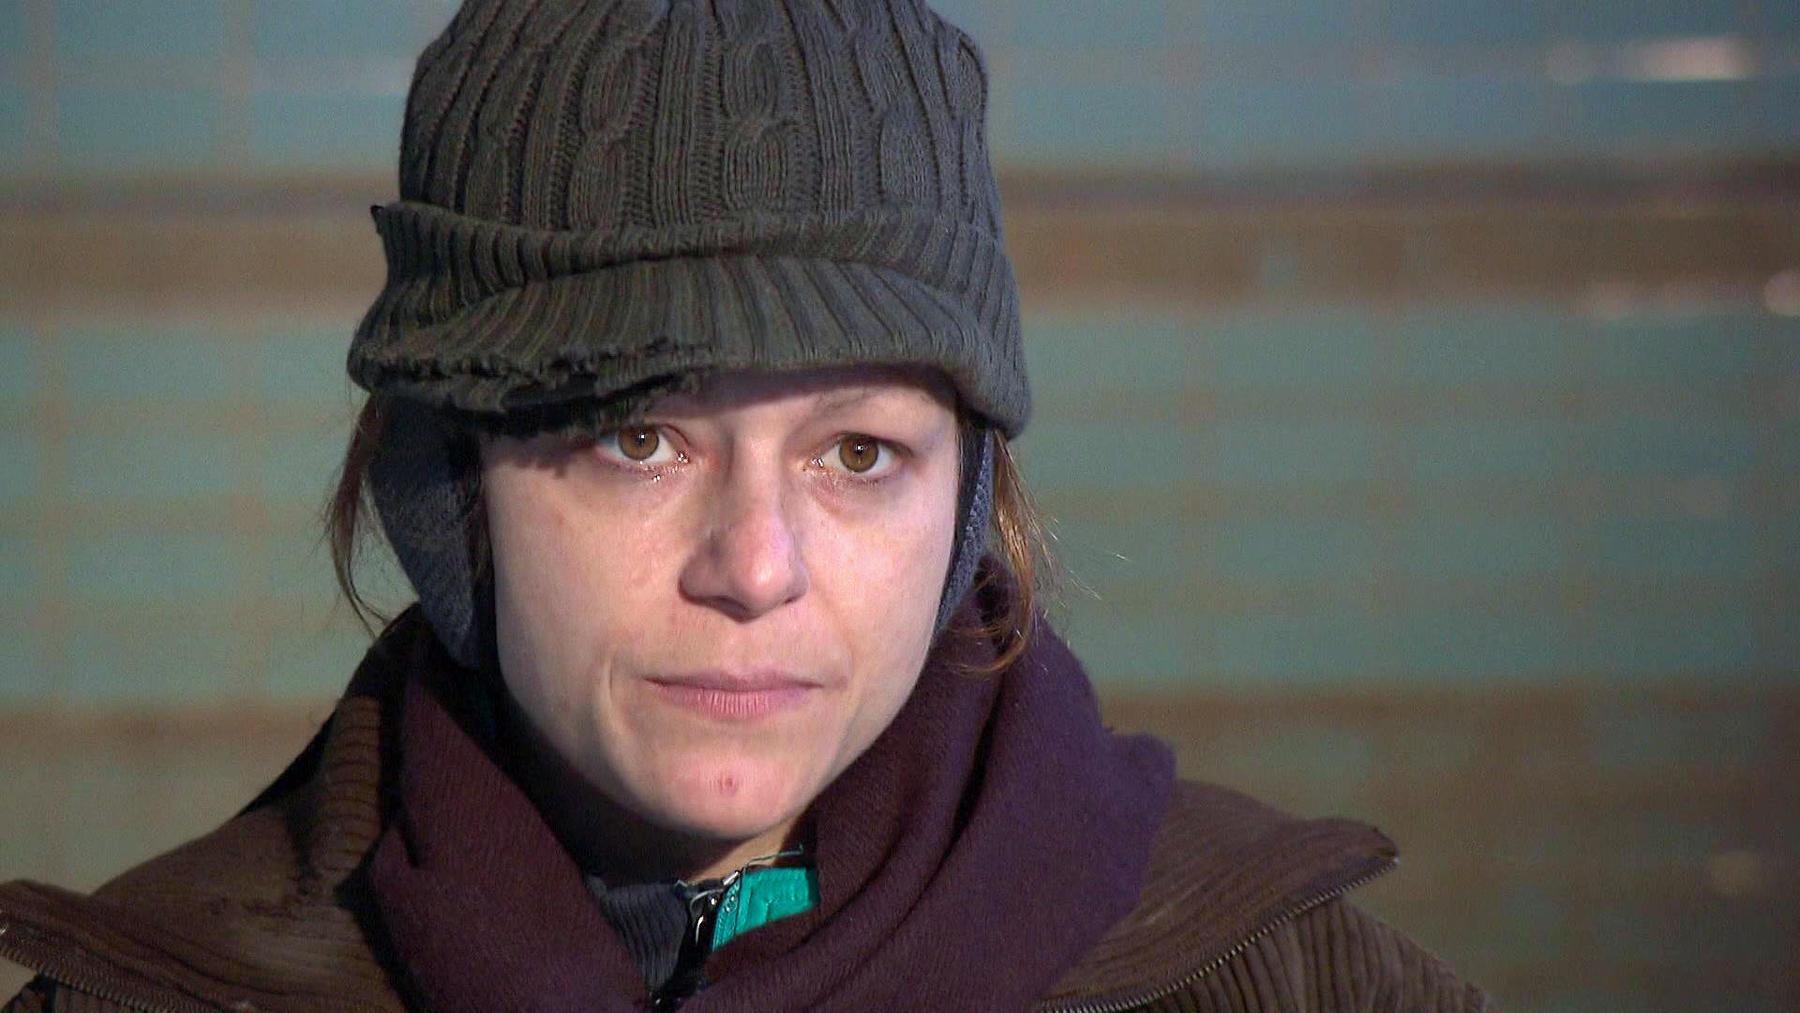 Obdachlose Mutter leidet darunter, dass ihr Kind weggenommen wurde